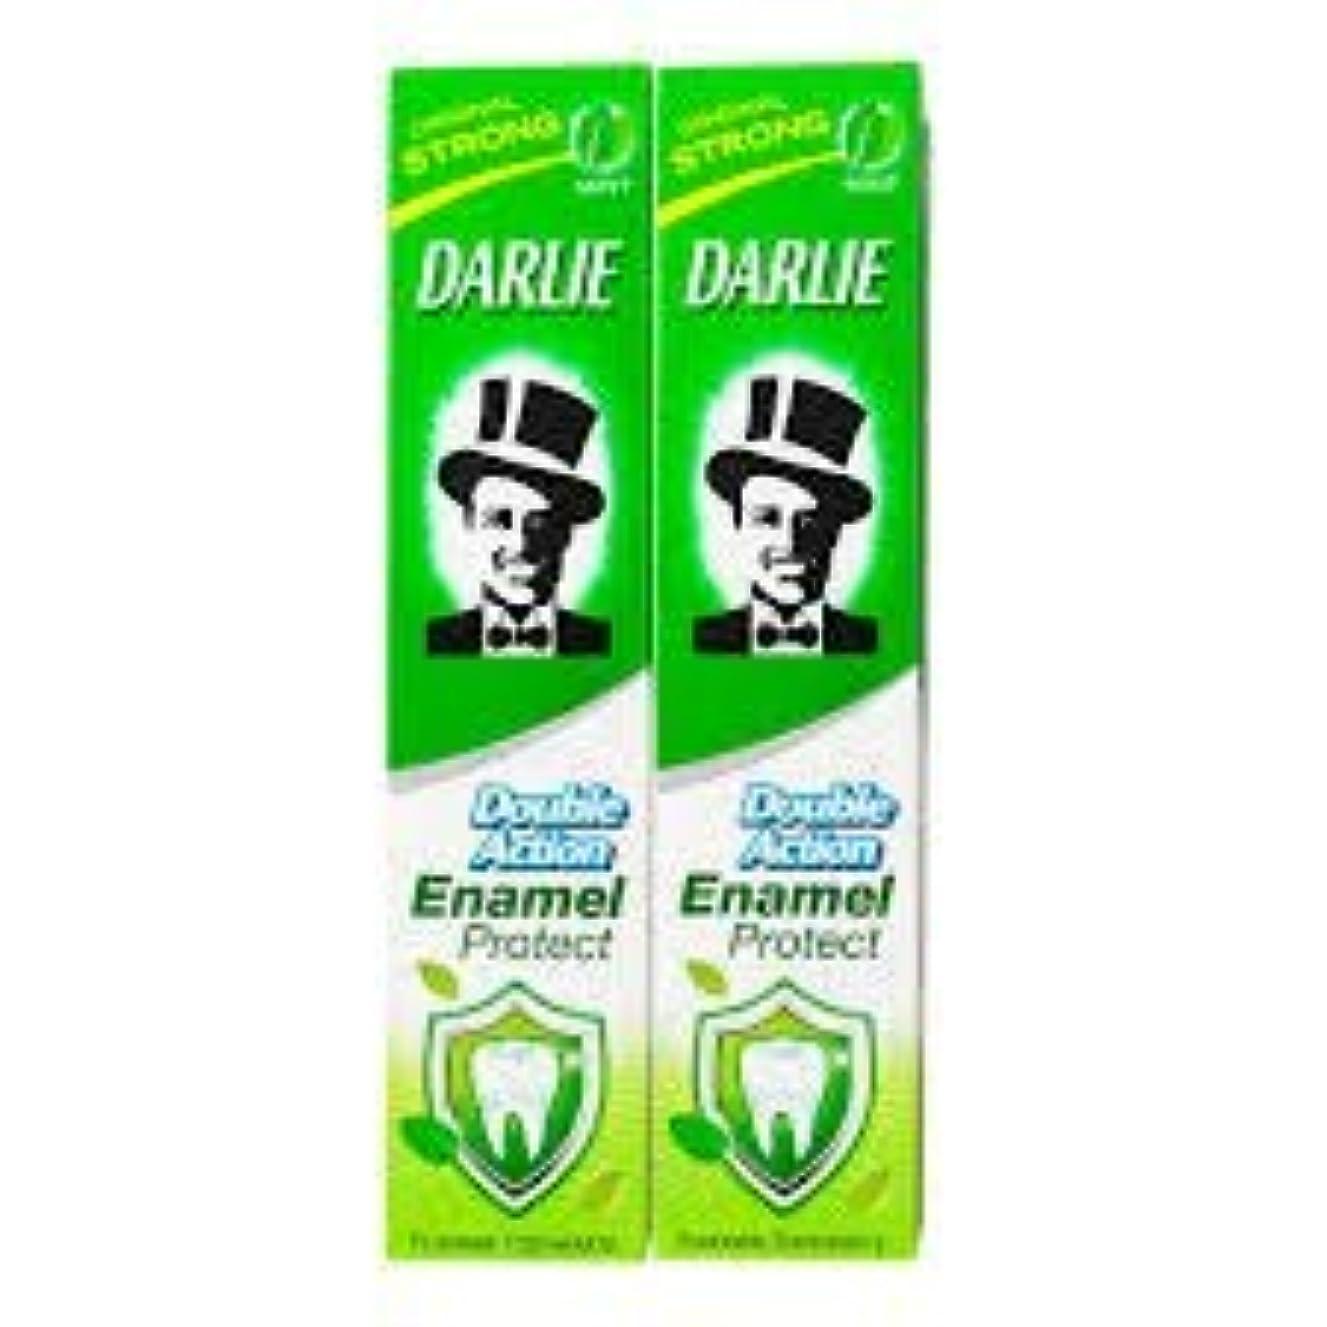 展示会残基チューブDARLIE 歯磨き粉歯磨き粉二重の役割、保護エナメル強いミント2×220ケ - あなたの歯を強化し、防御の最前線